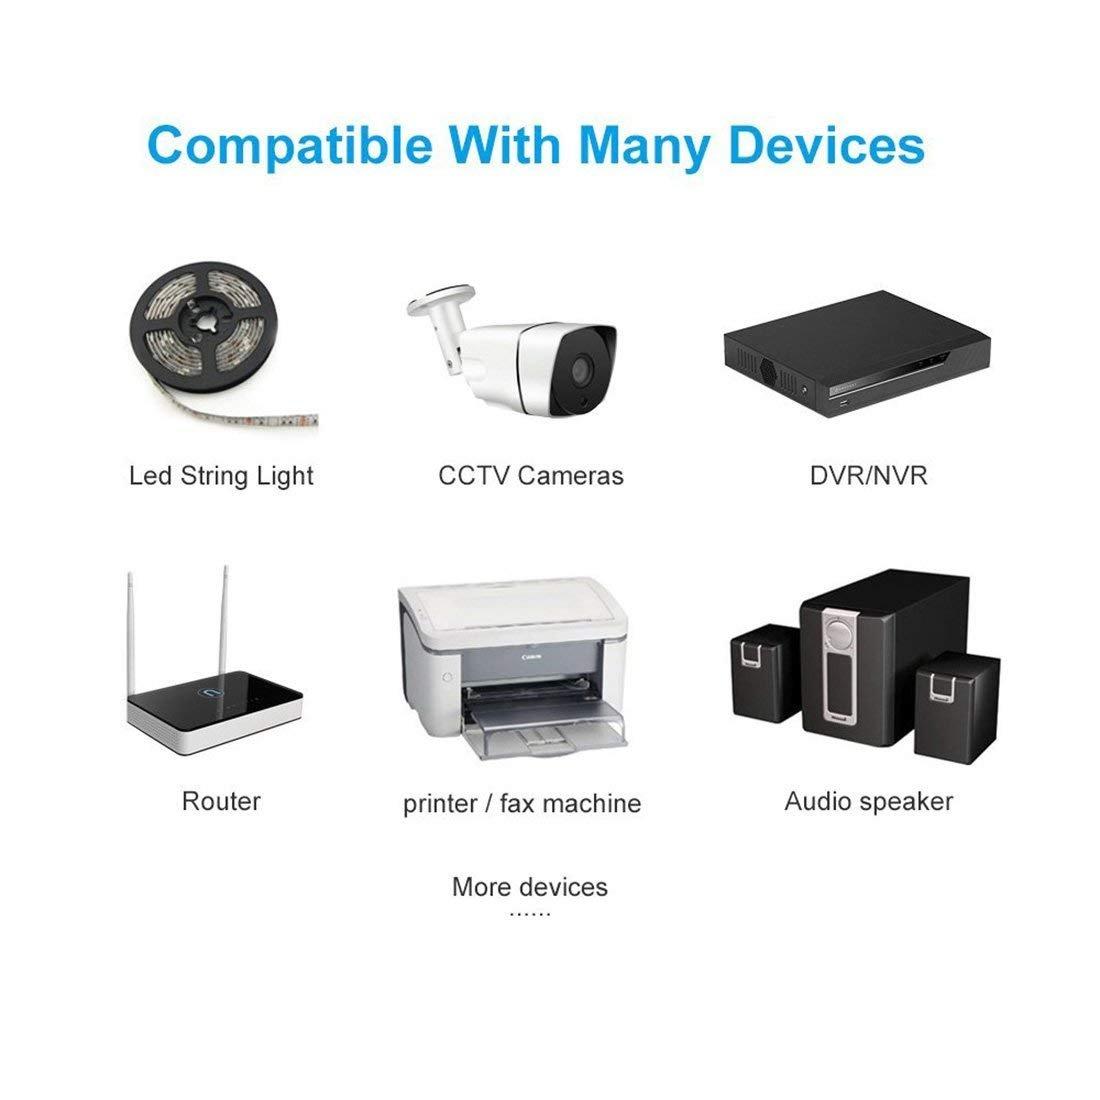 Liwinting 2pcs DC 1 Femelle /à 2 M/âle 2.1x5.5mm DC Adaptateur Secteur Splitter C/âble 2 Femelle Connecteur DC pour CCTV Cam/éra Moniteur LED Bande et Autres DC 12V Devices